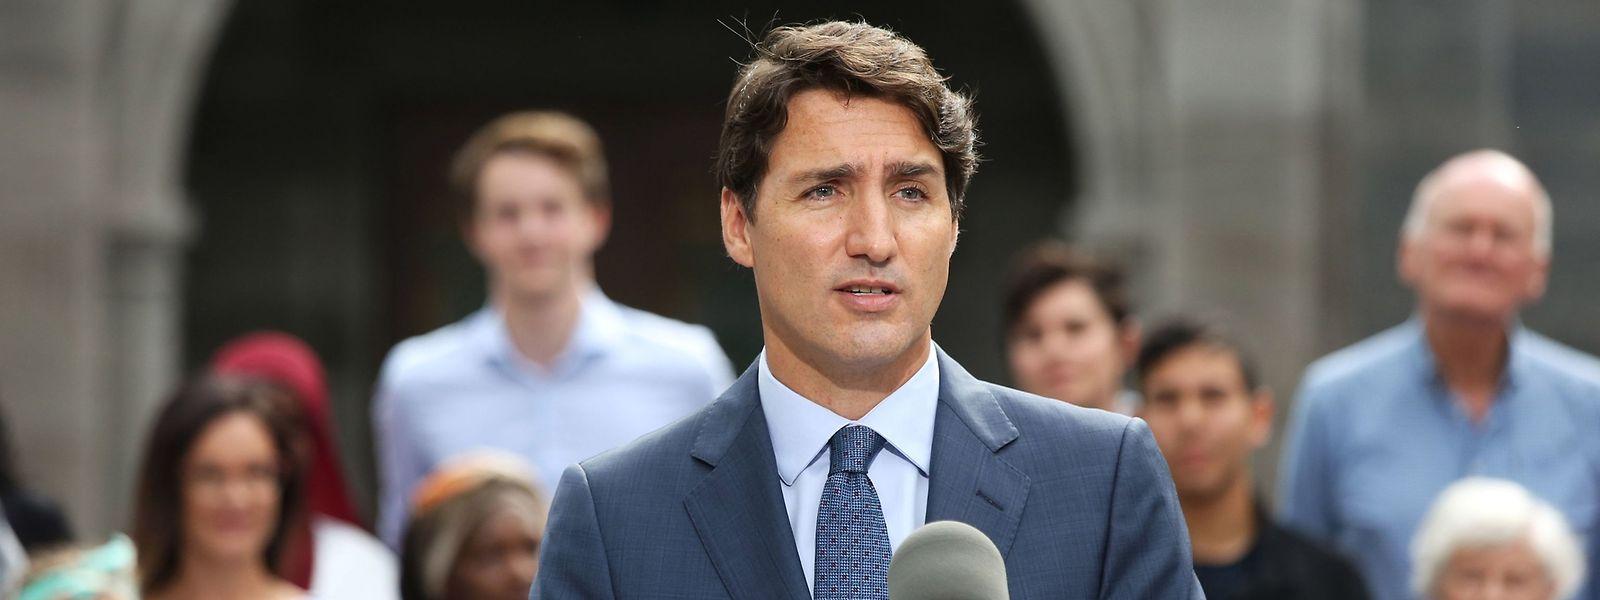 Justin Trudeau: Der Lack des Sonnyboy ist ab.